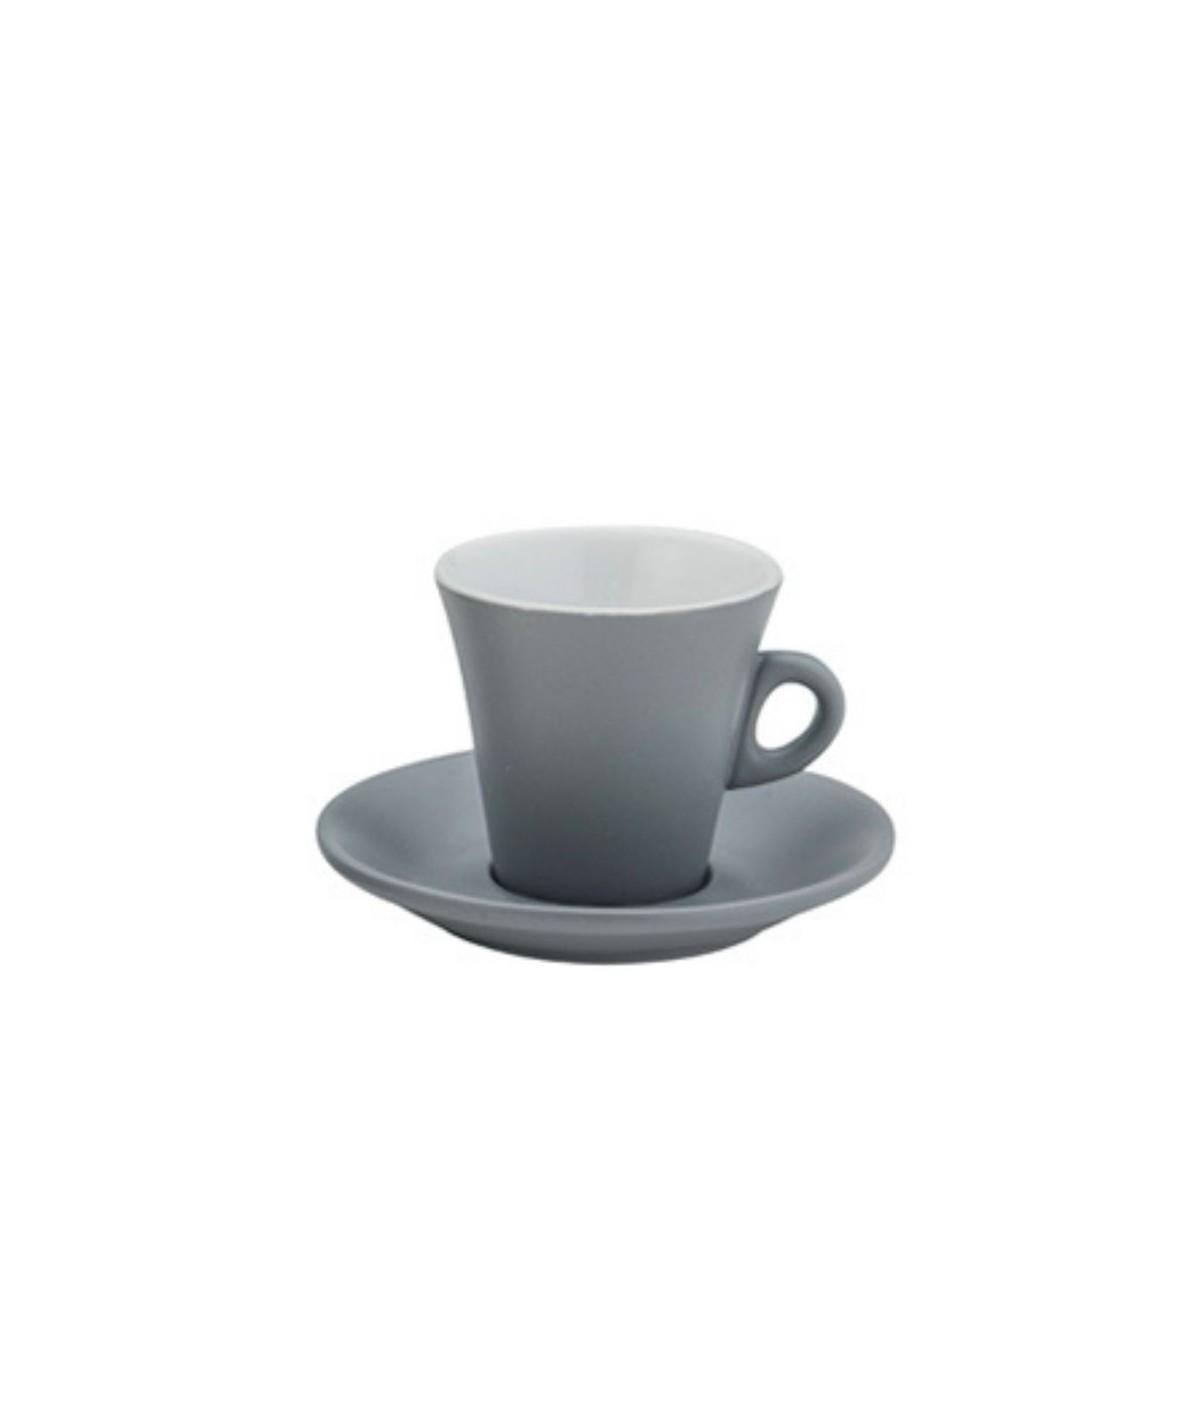 Tazzina da caffè grigia...